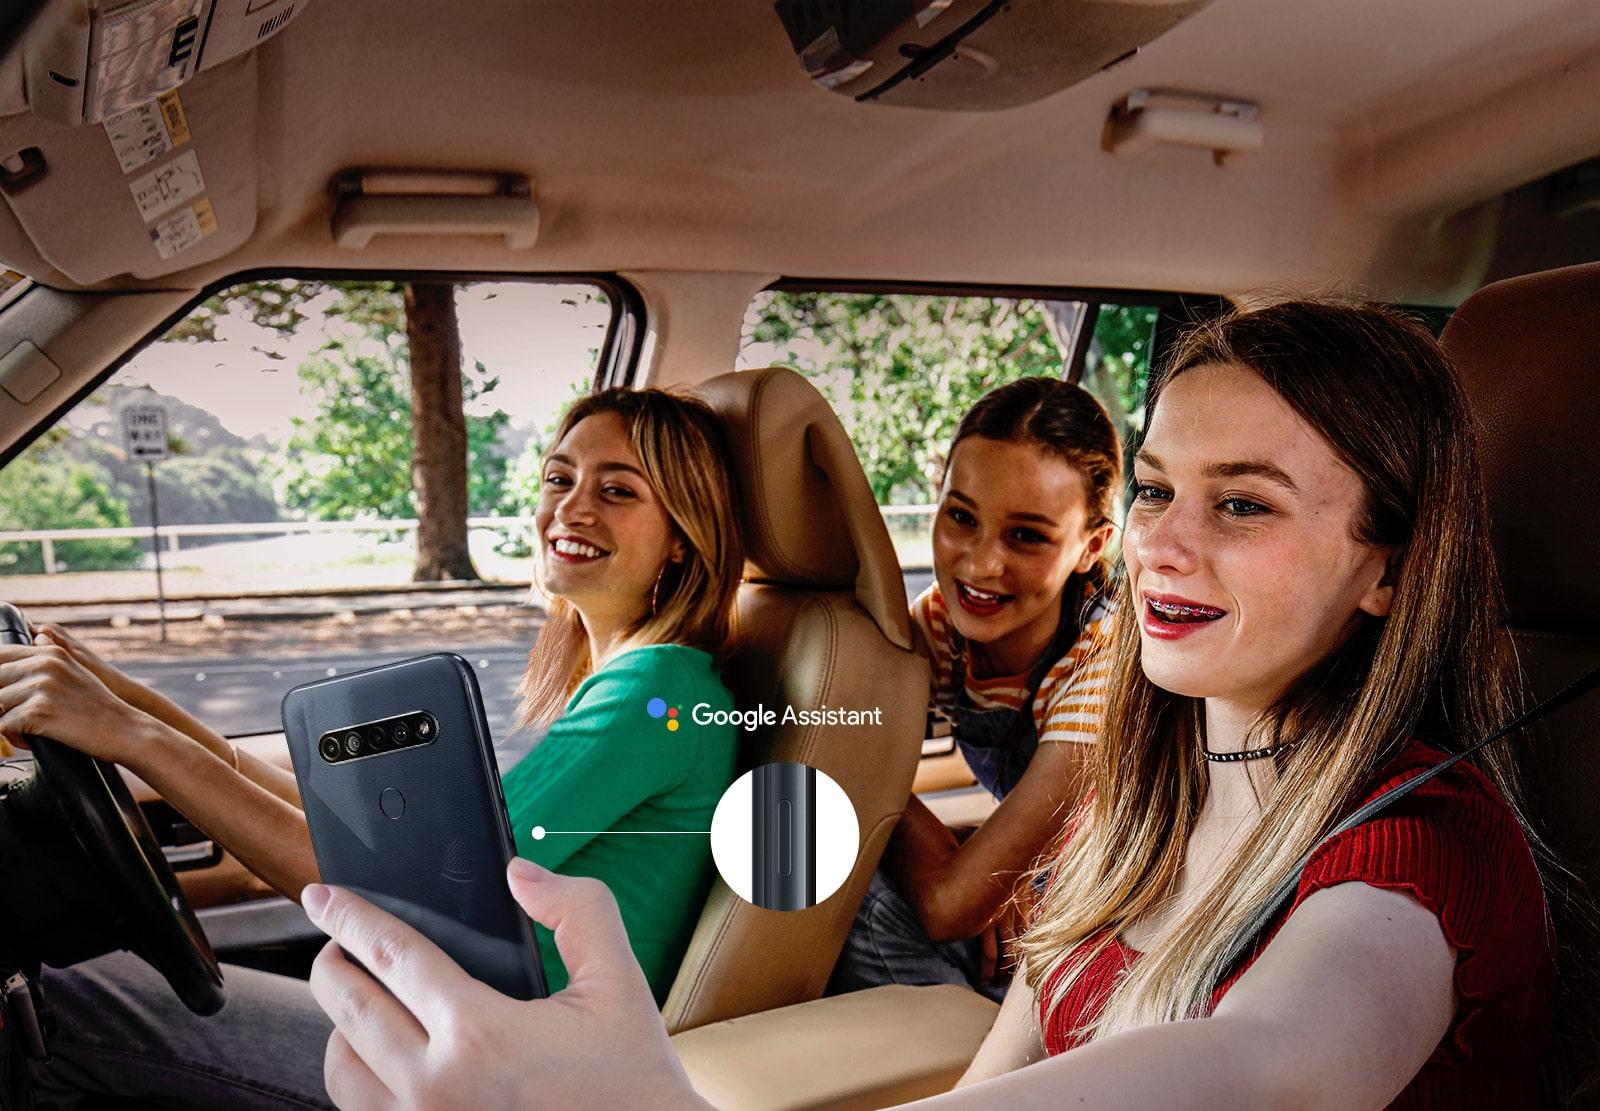 Mulher usando a função Google Assistente do smartphone para pesquisar enquanto está dentro do carro